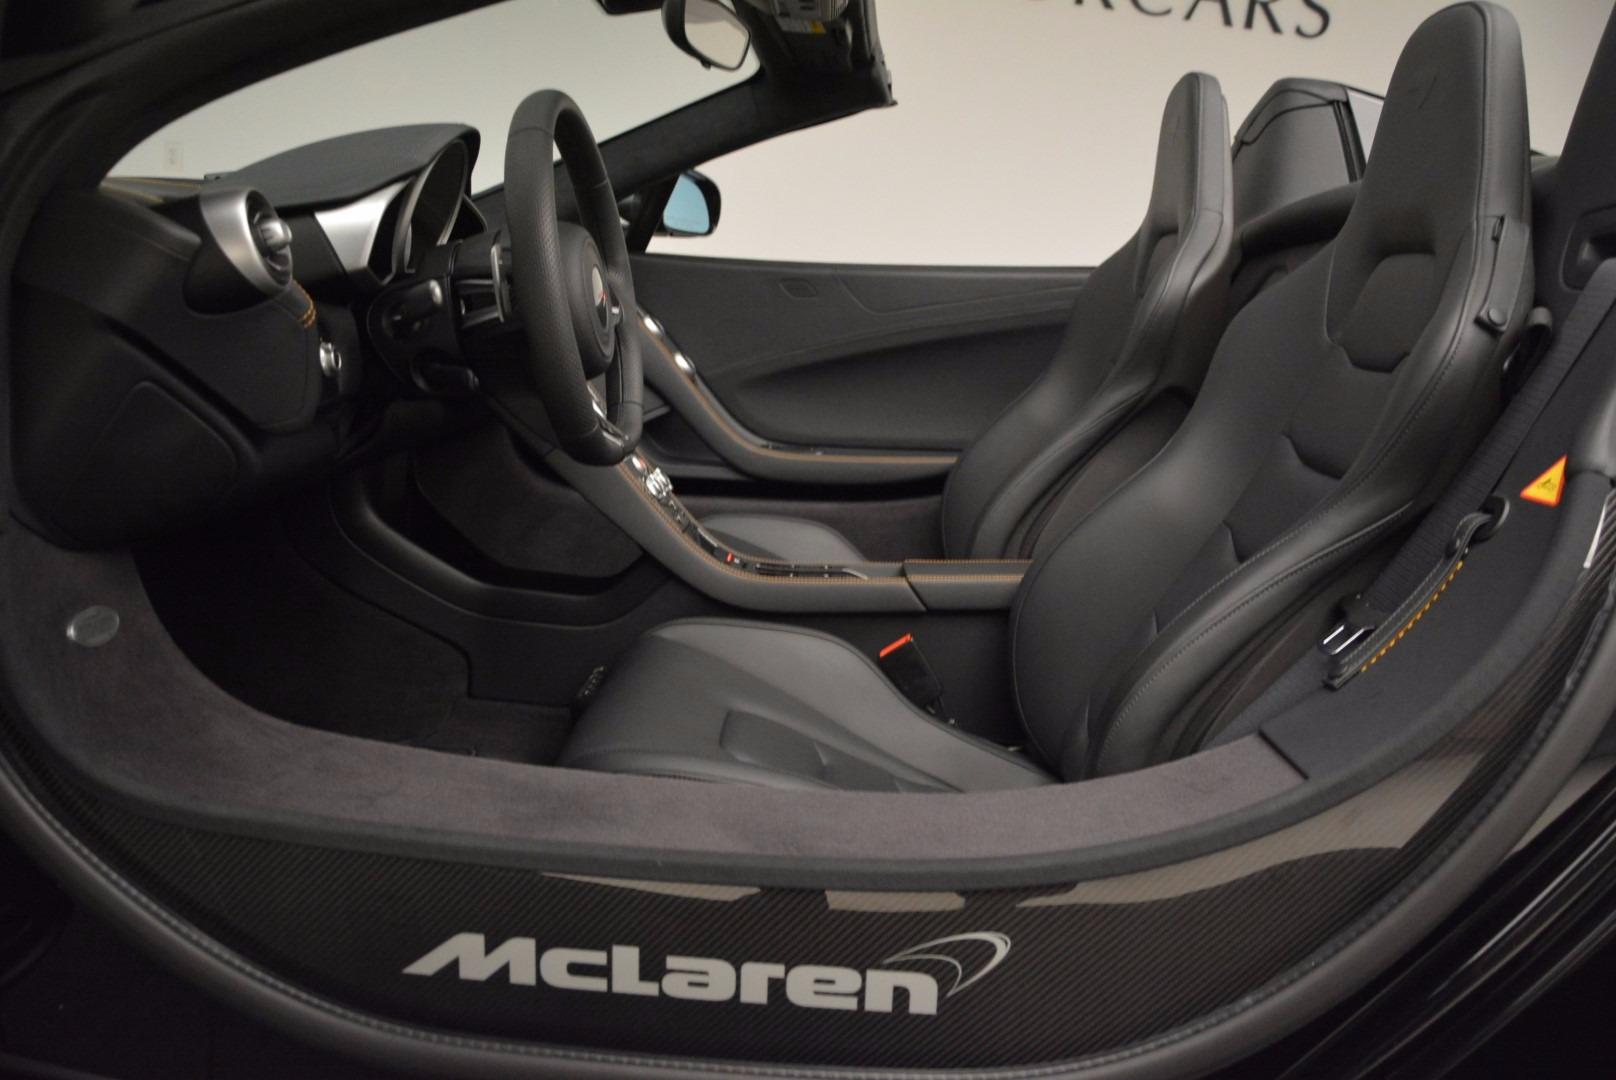 Used 2013 McLaren 12C Spider  For Sale In Westport, CT 973_p25